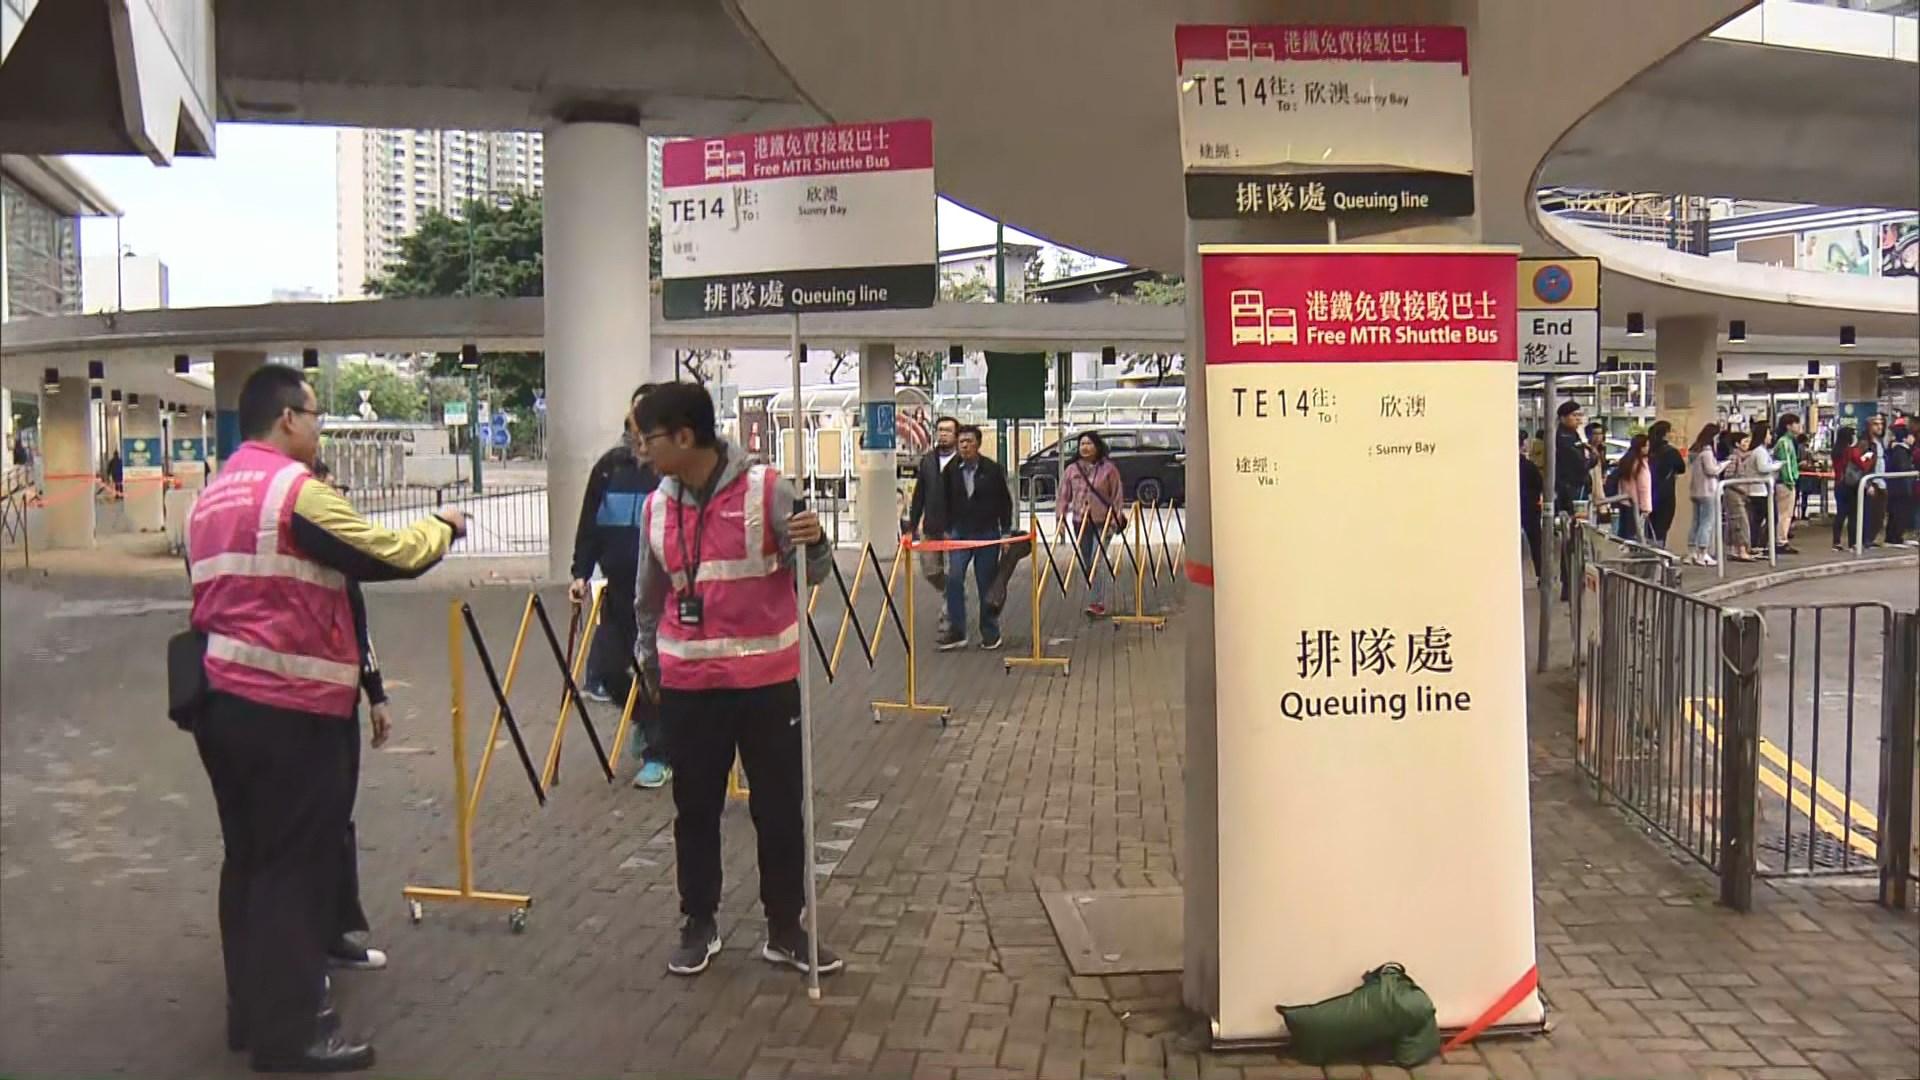 東涌無鐵路服務 港鐵安排接駁巴士來往欣澳